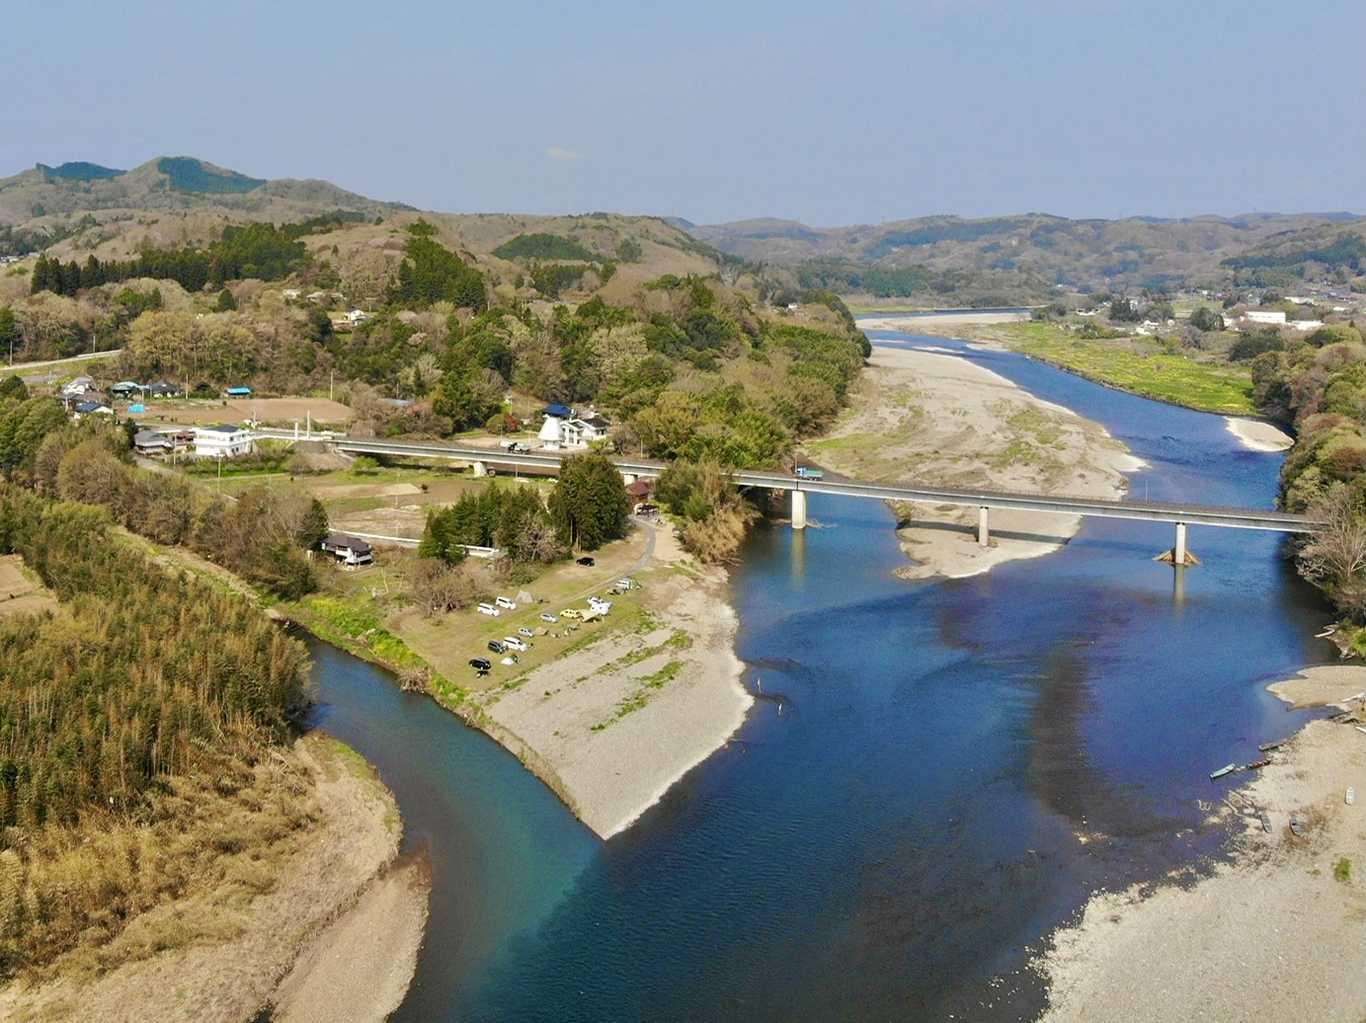 オートキャンプ那珂川ステーション の公式写真c6795